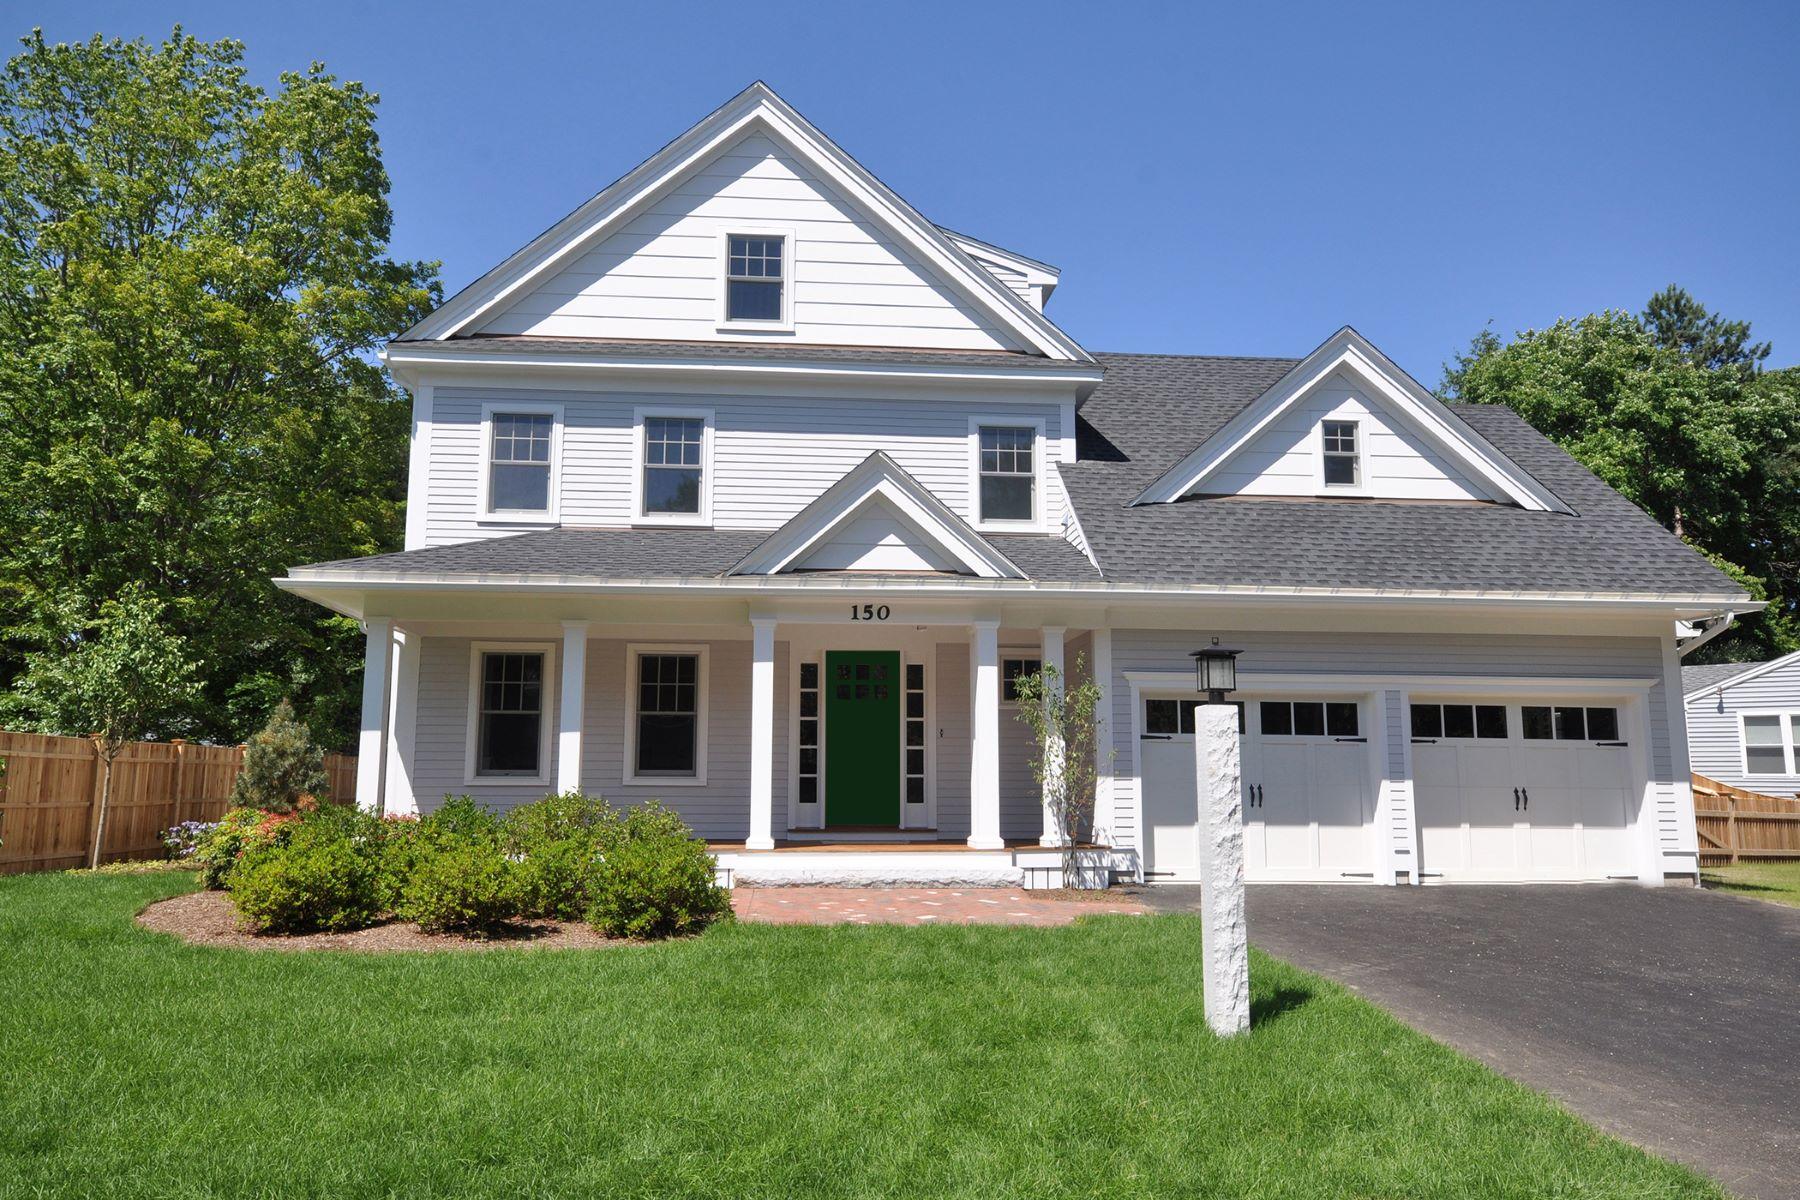 獨棟家庭住宅 為 出售 在 150 Elsinore Street, Concord Concord, 麻塞諸塞州, 01742 美國